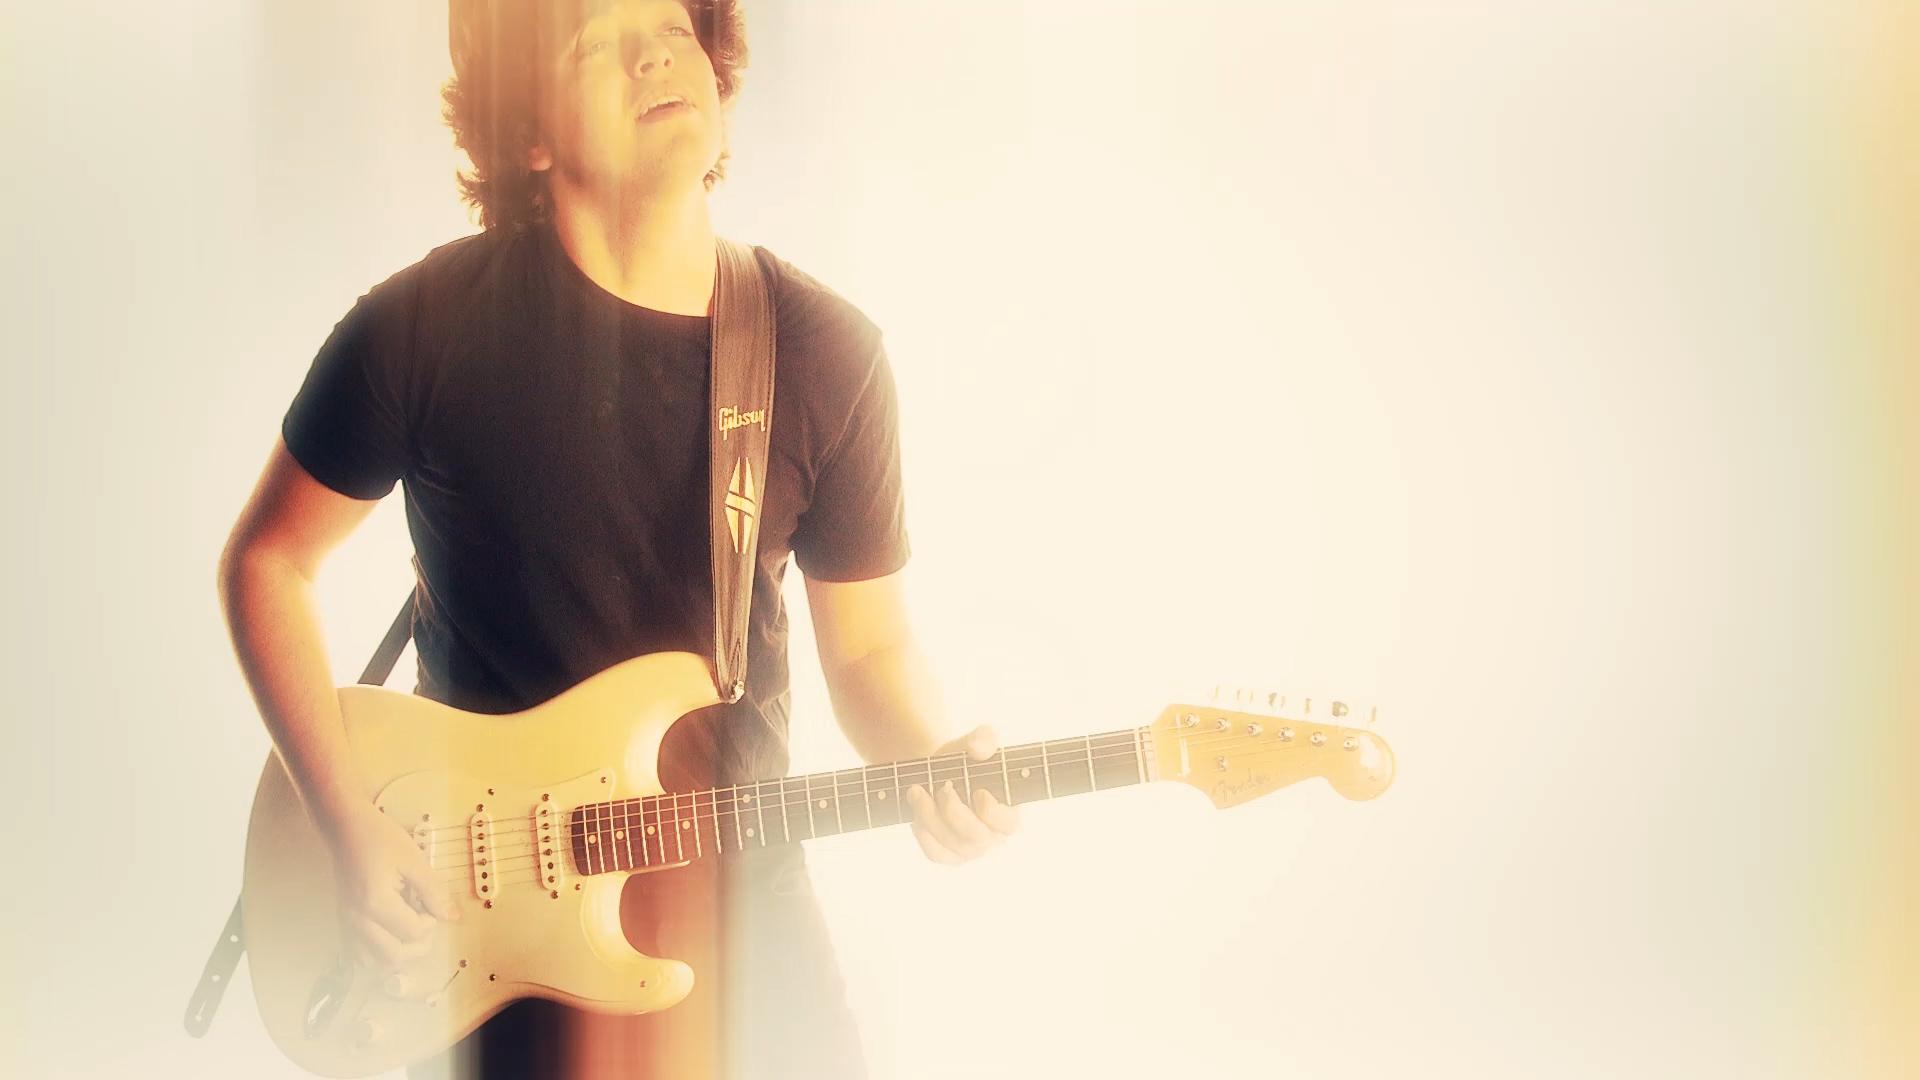 ethan guitar 1.jpg